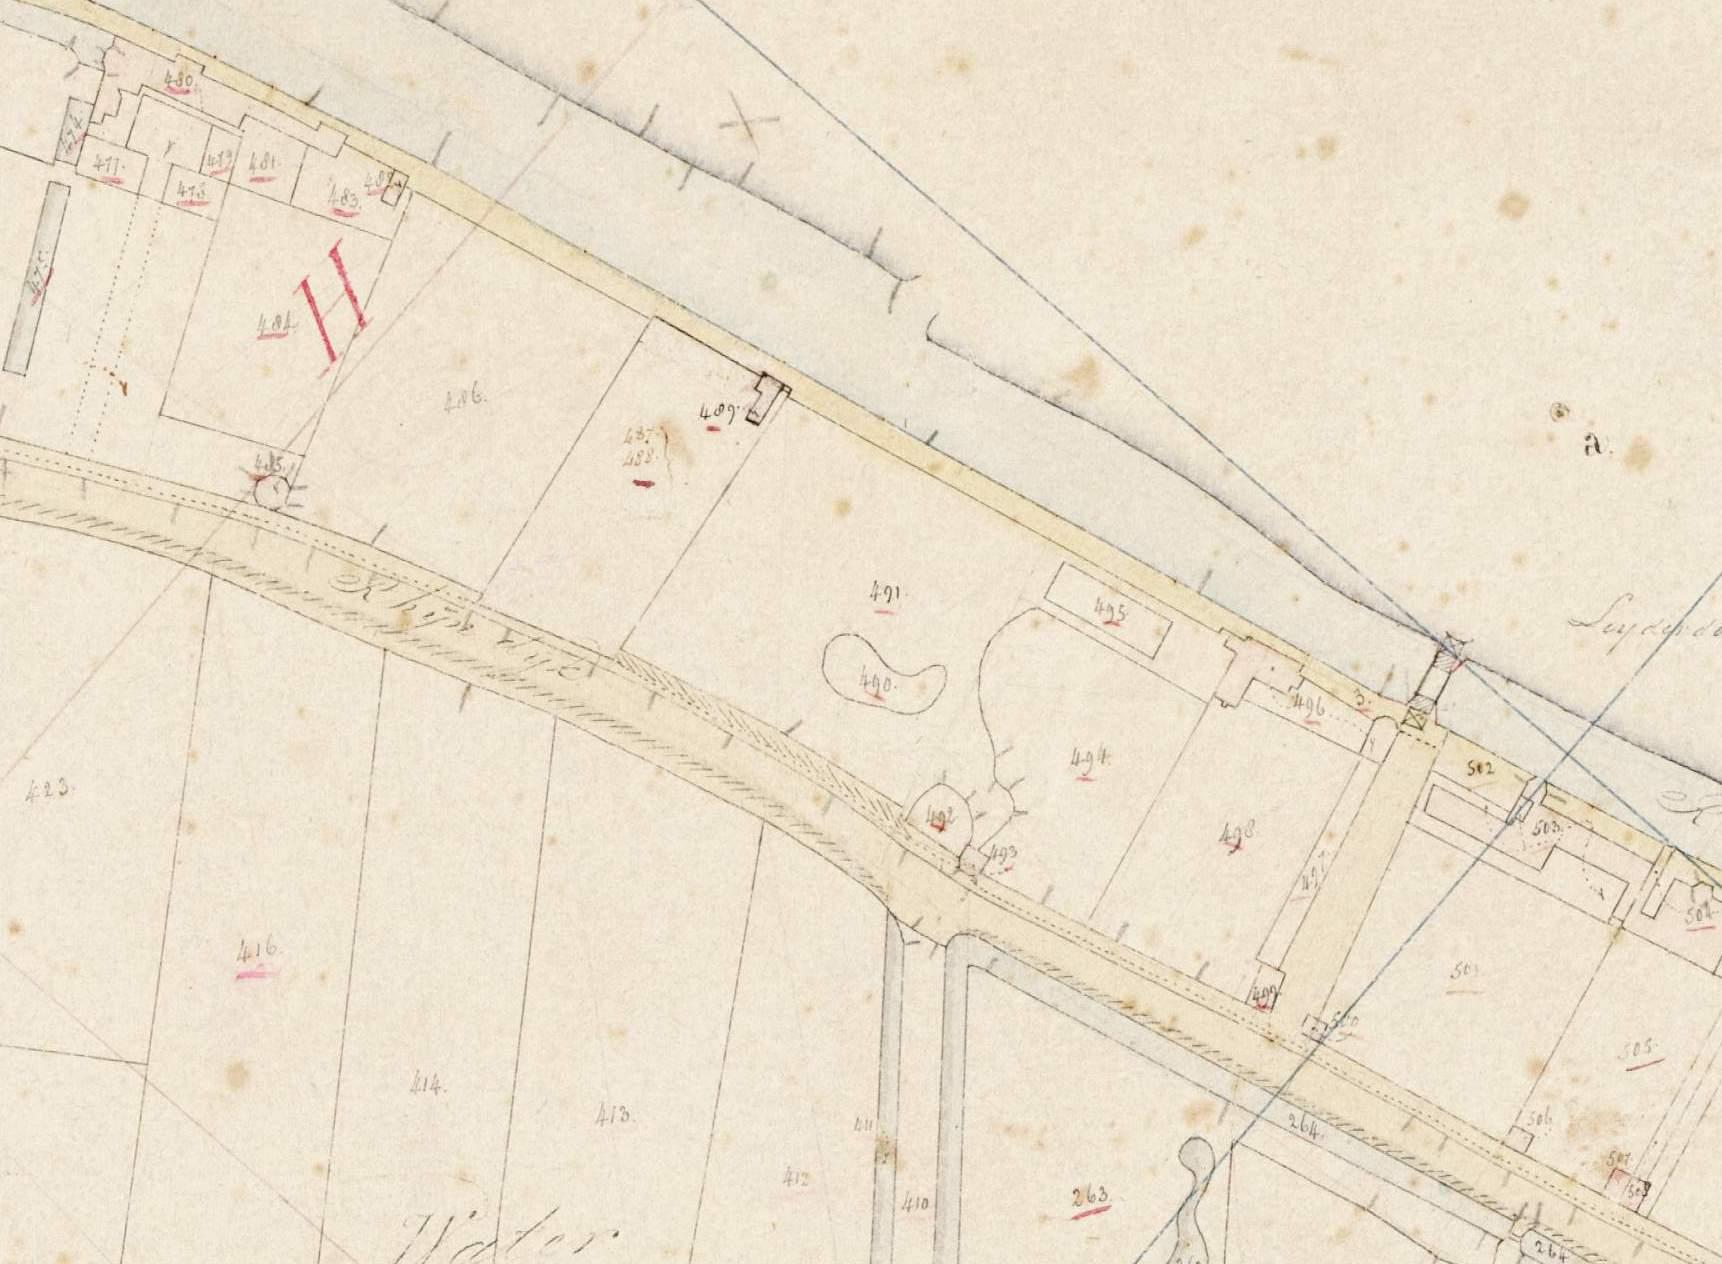 Minuutplan (gebied rond voormalige Leiderdorpse brug)